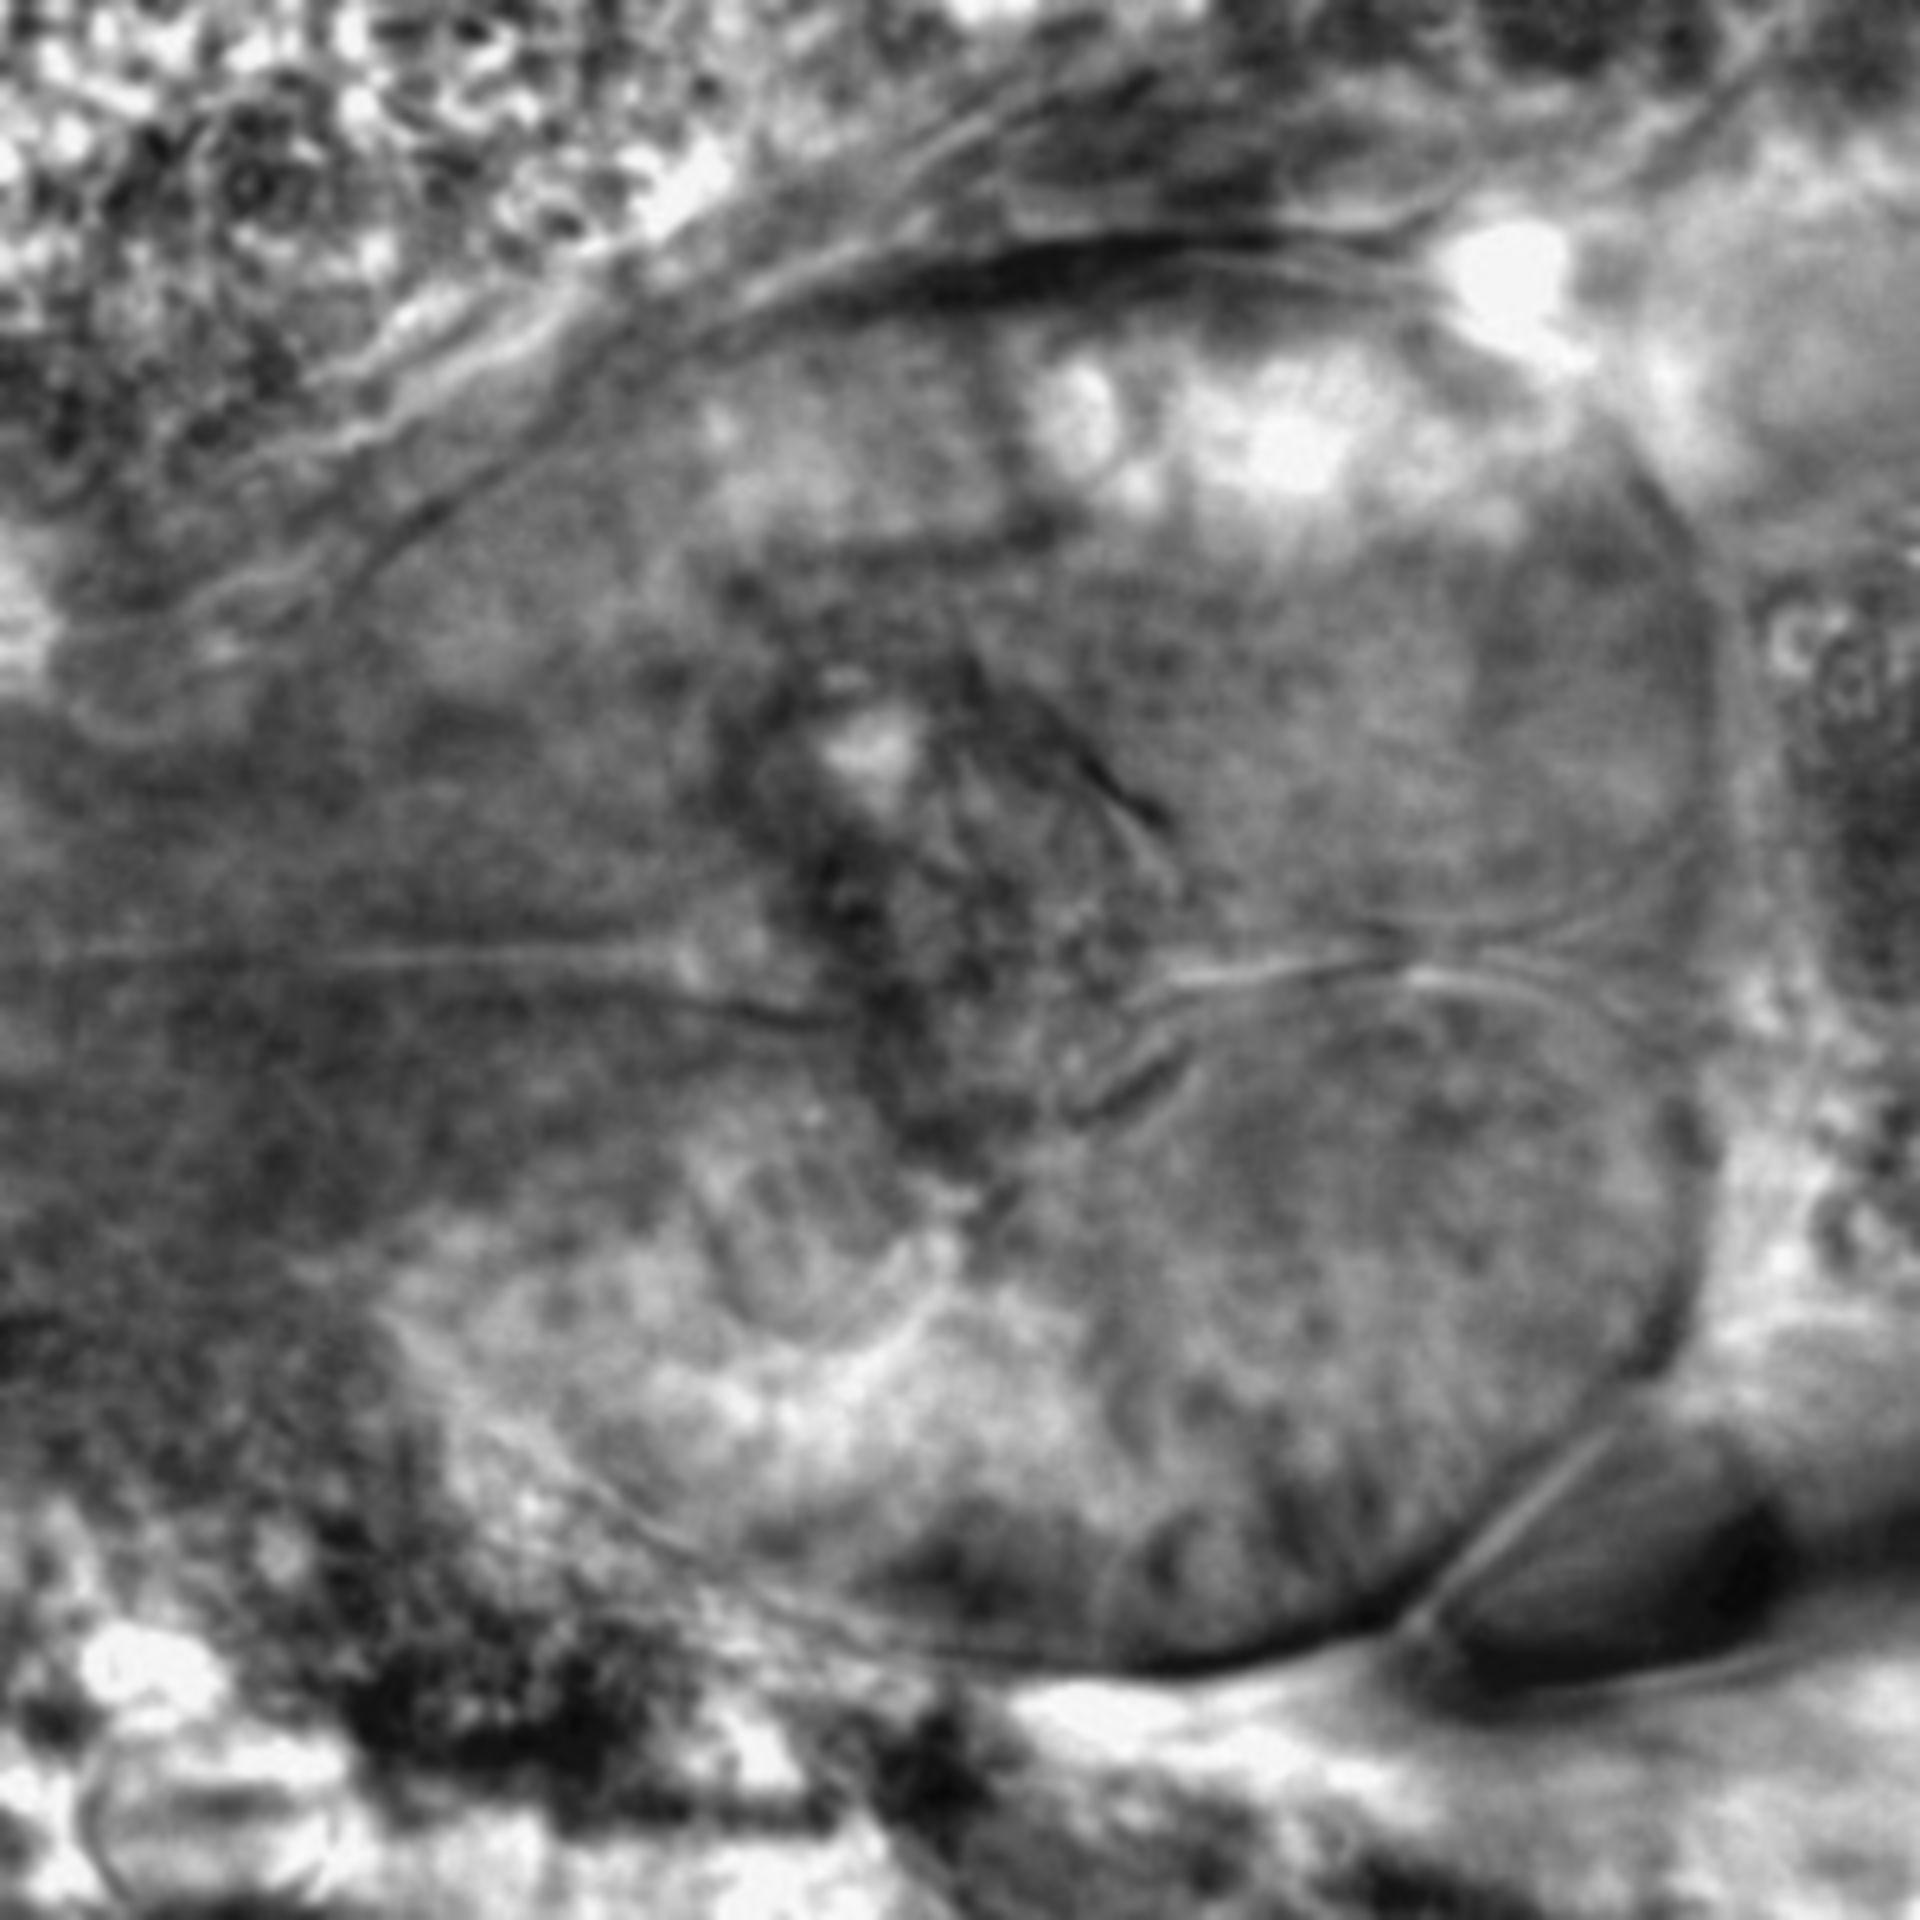 Caenorhabditis elegans - CIL:2230